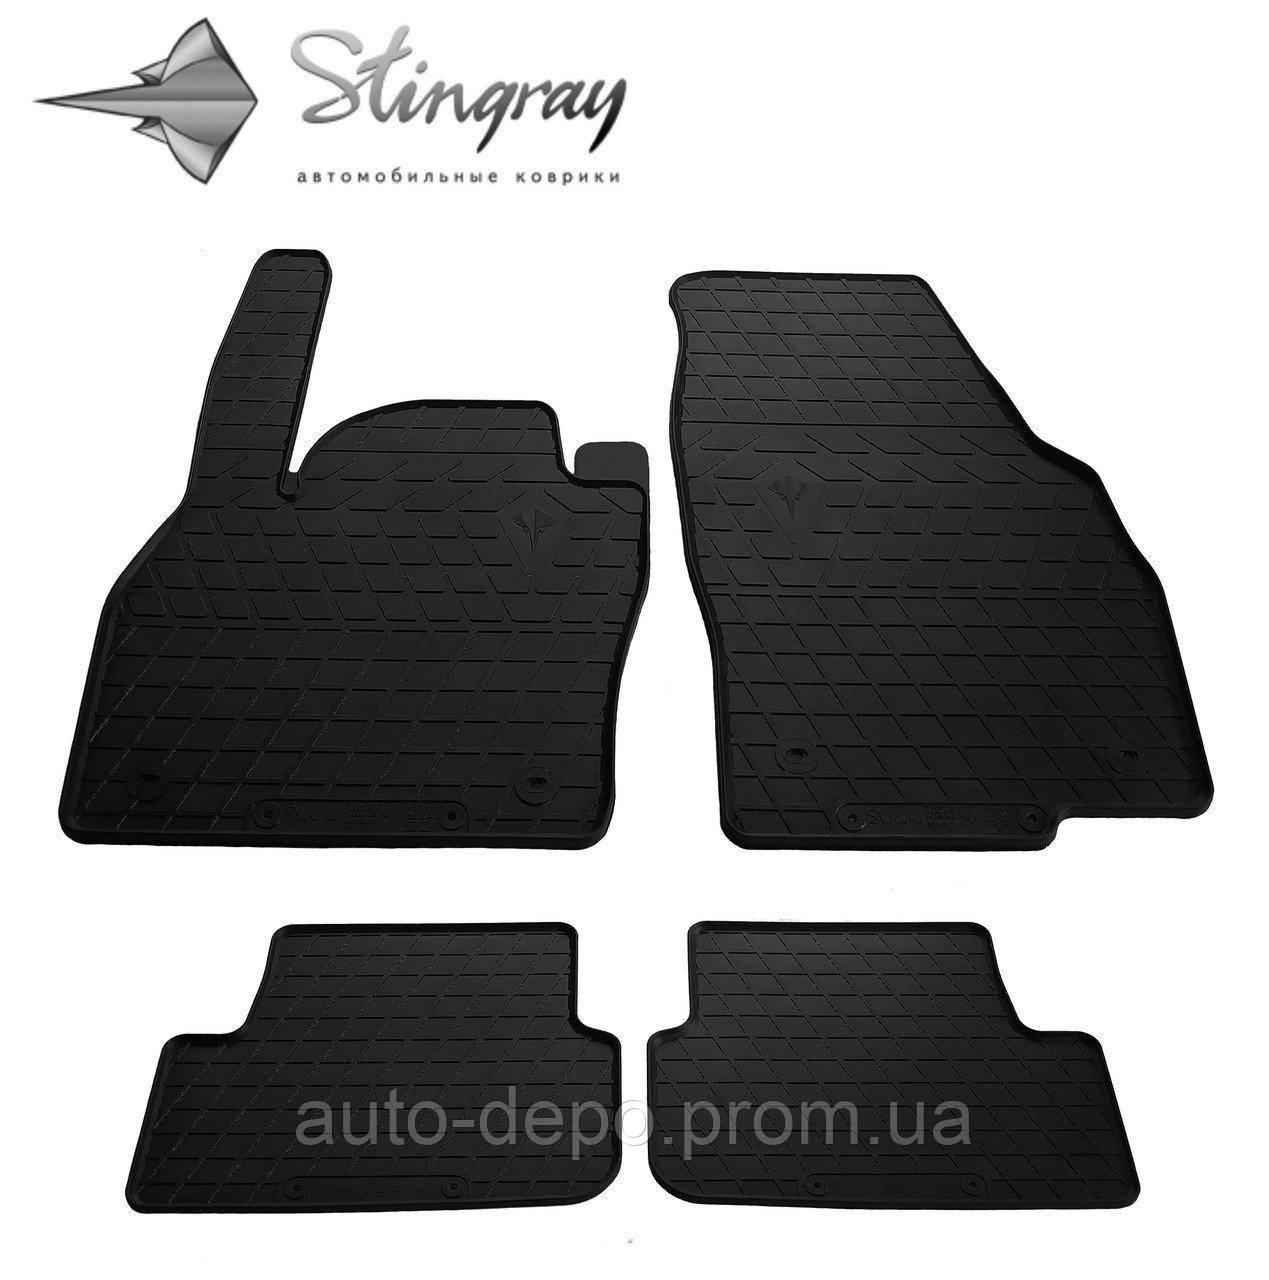 Коврики автомобильные для Volkswagen Polo Hatchback 2017- Stingray